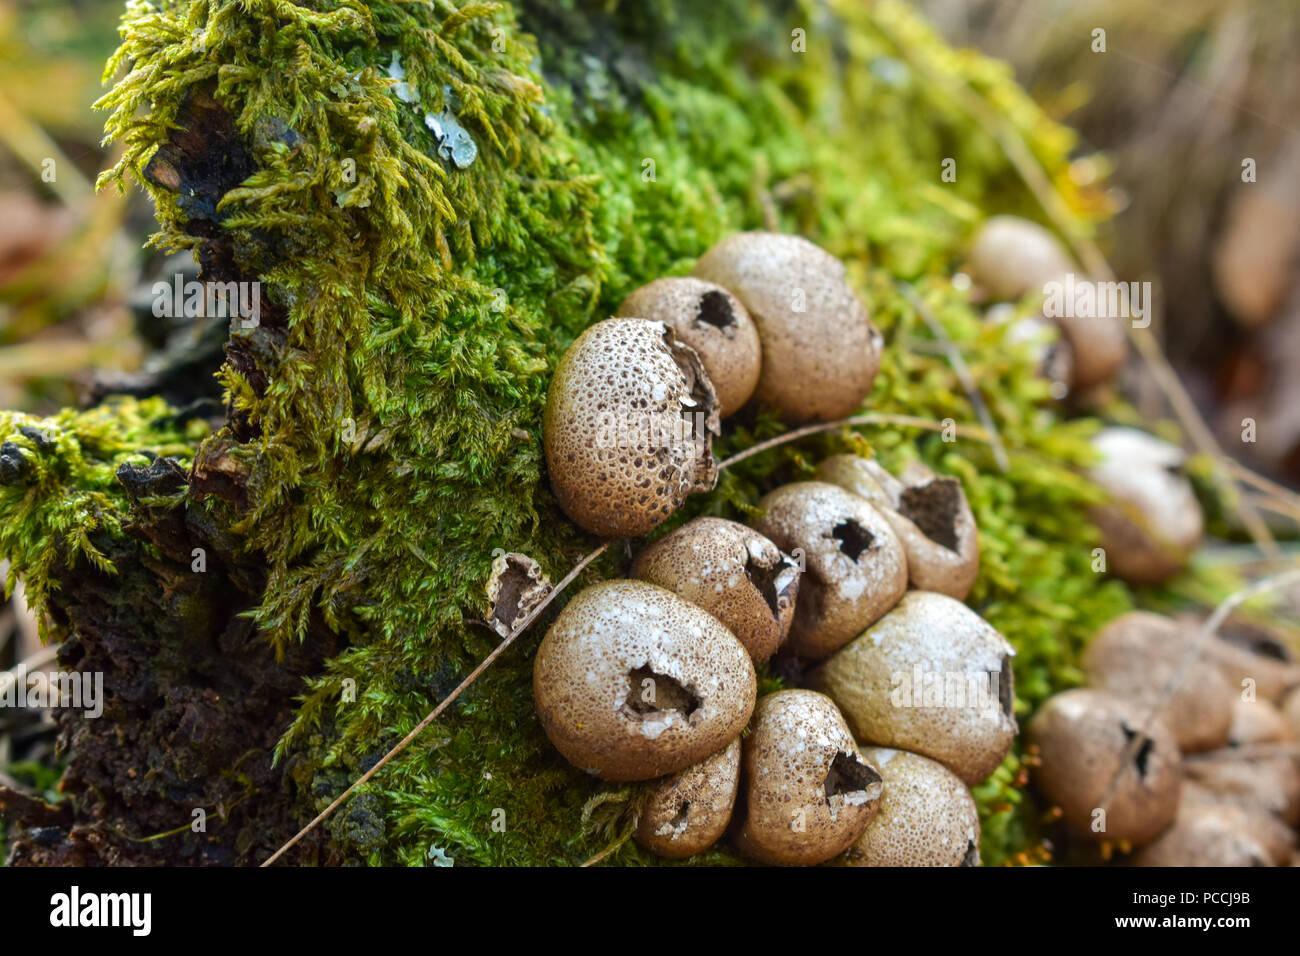 Lycoperdon perlatum, im Volksmund bekannt als die gemeinsame Puffball, warted puffball, ist eine Pflanzenart aus der Gattung der puffball Pilz in der Familie Agaricaceae. Stockbild